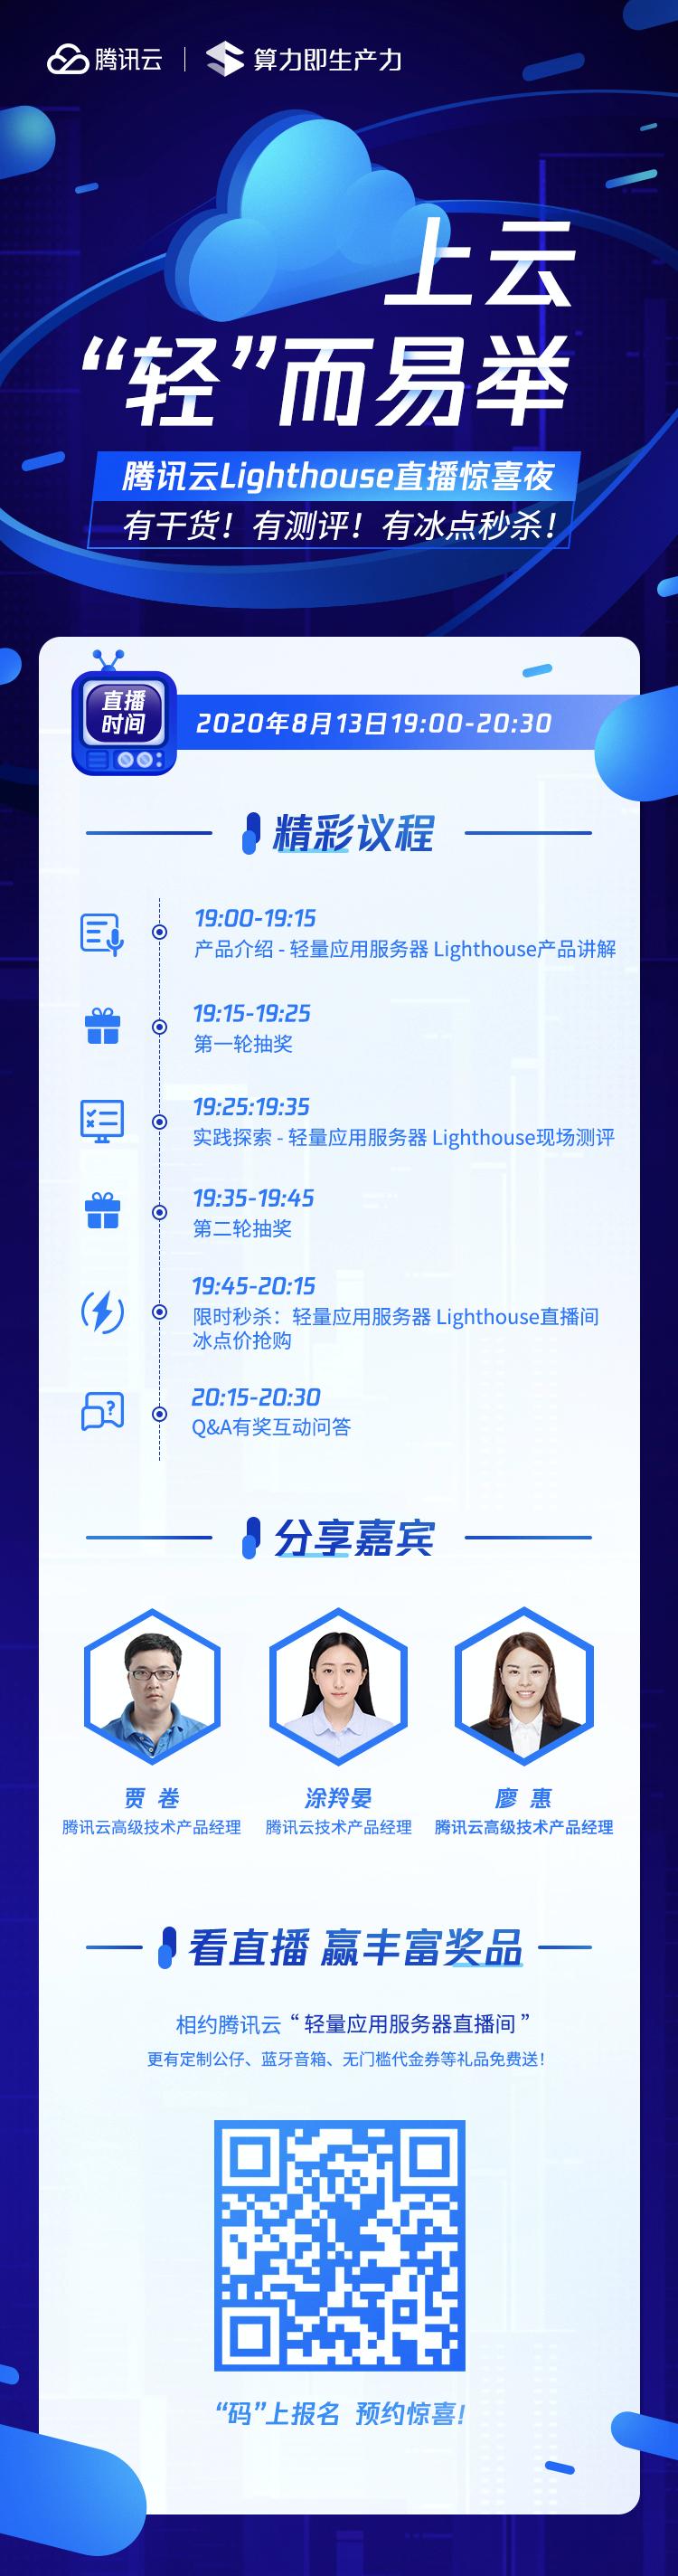 腾讯云轻量应用服务器Lighthouse活动环节内容